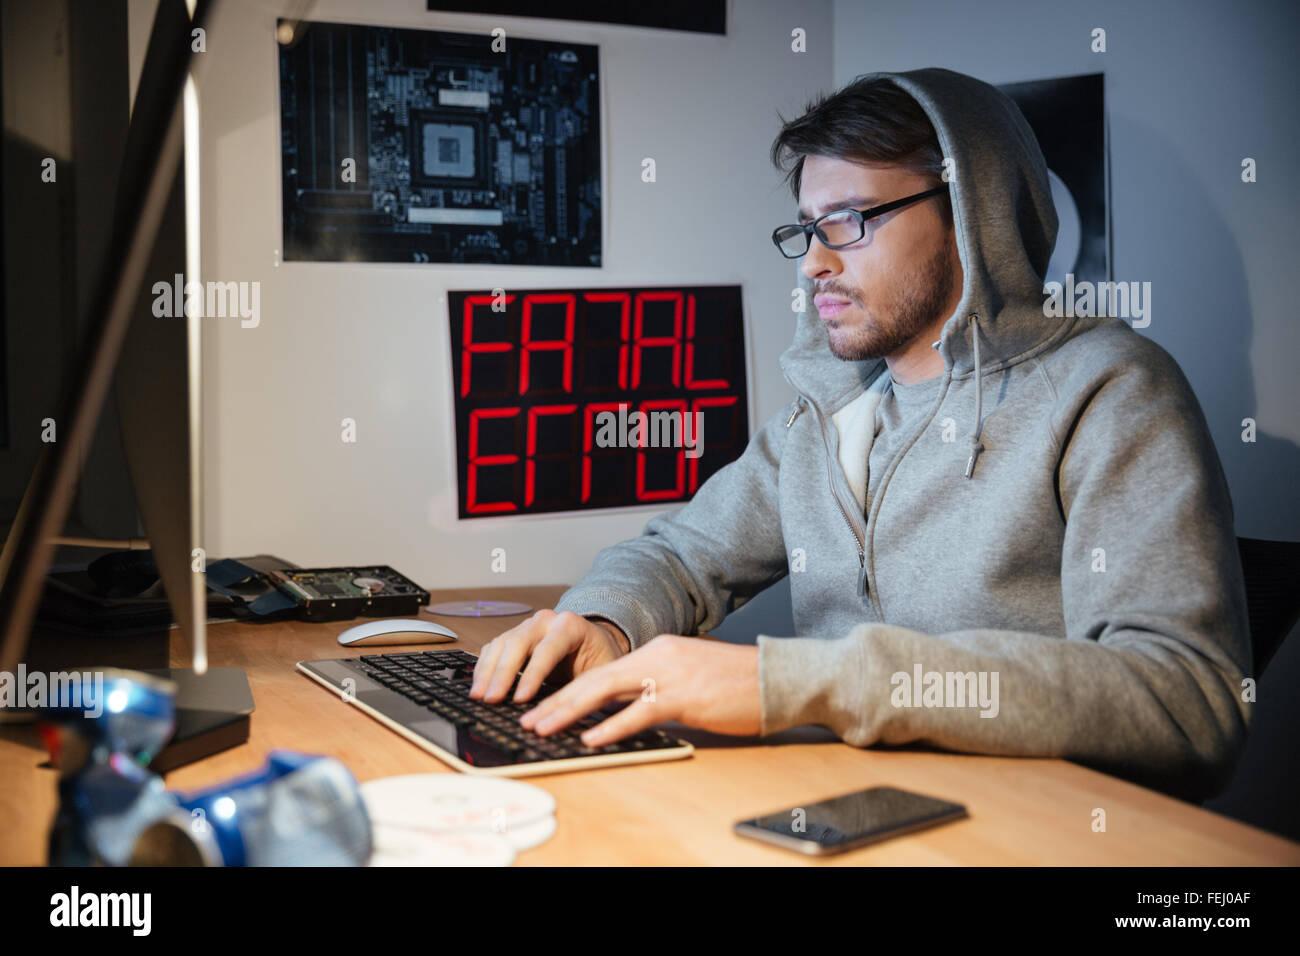 Bel giovane uomo in felpa con cappuccio di seduta e digitando sulla tastiera del computer a casa Immagini Stock